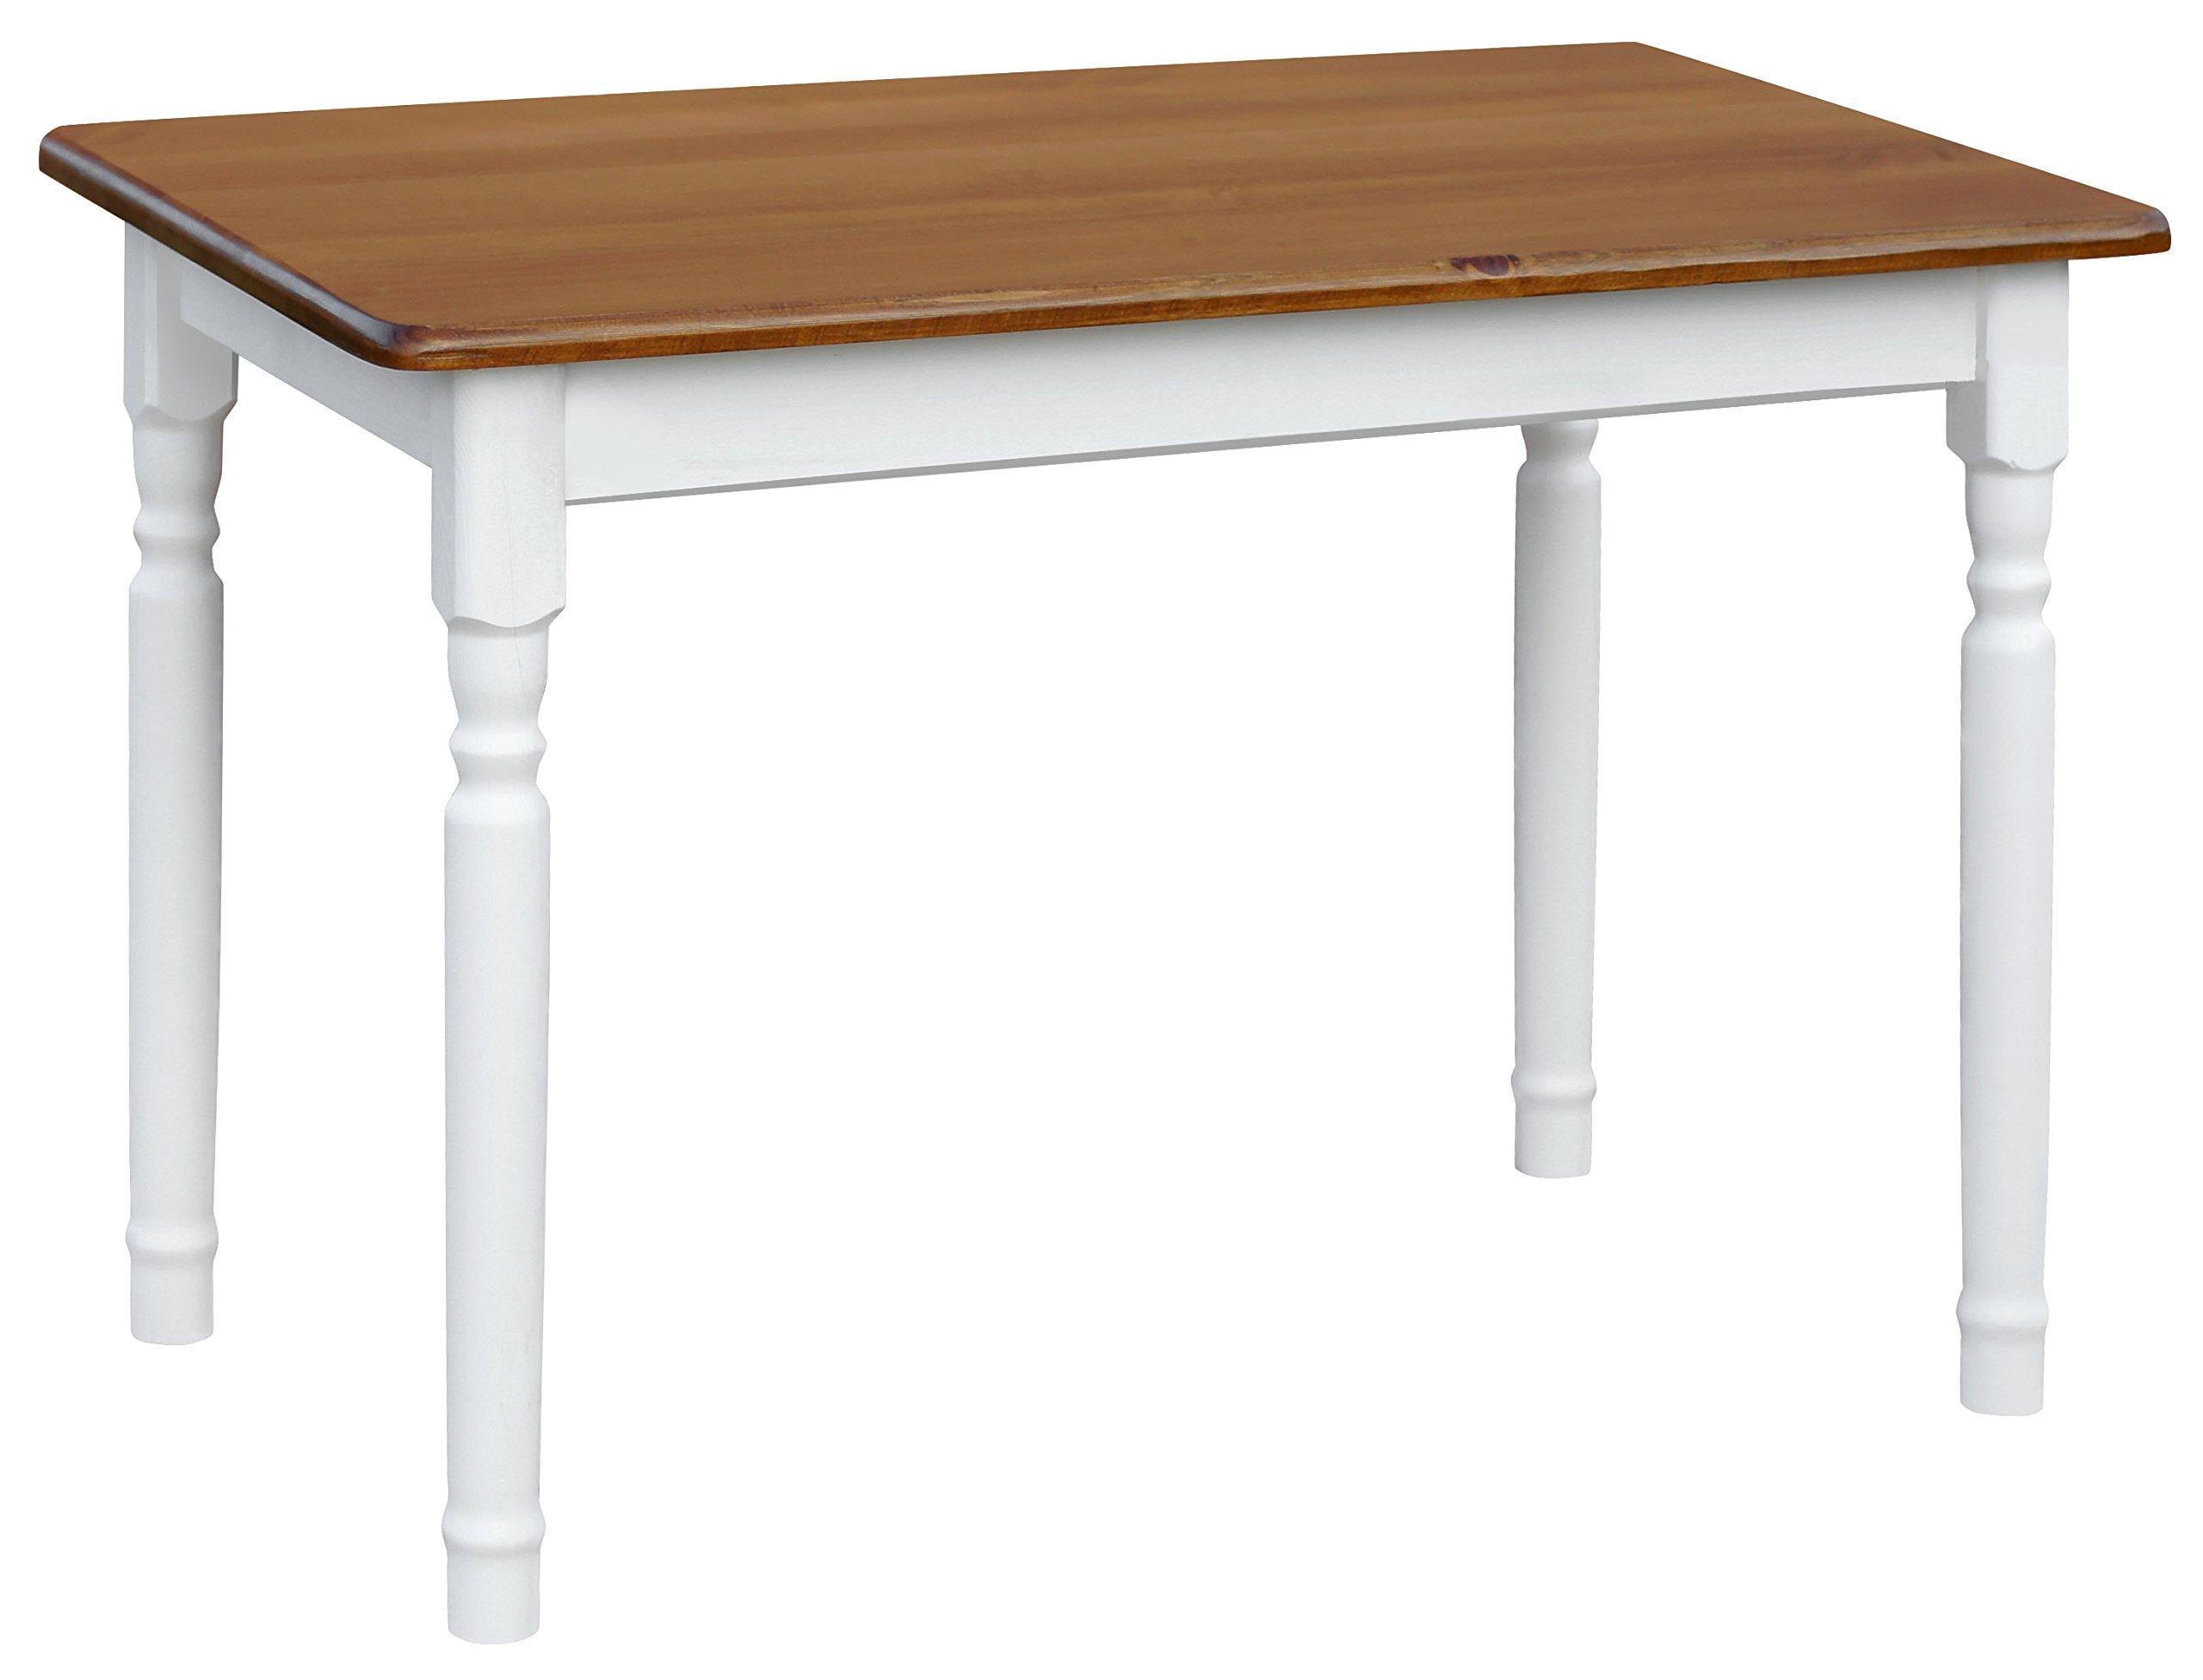 koma Esstisch 110x70cm Küchentisch Tisch MASSIV Kiefer Holz weiß - Eiche Landhausstil NEU 1